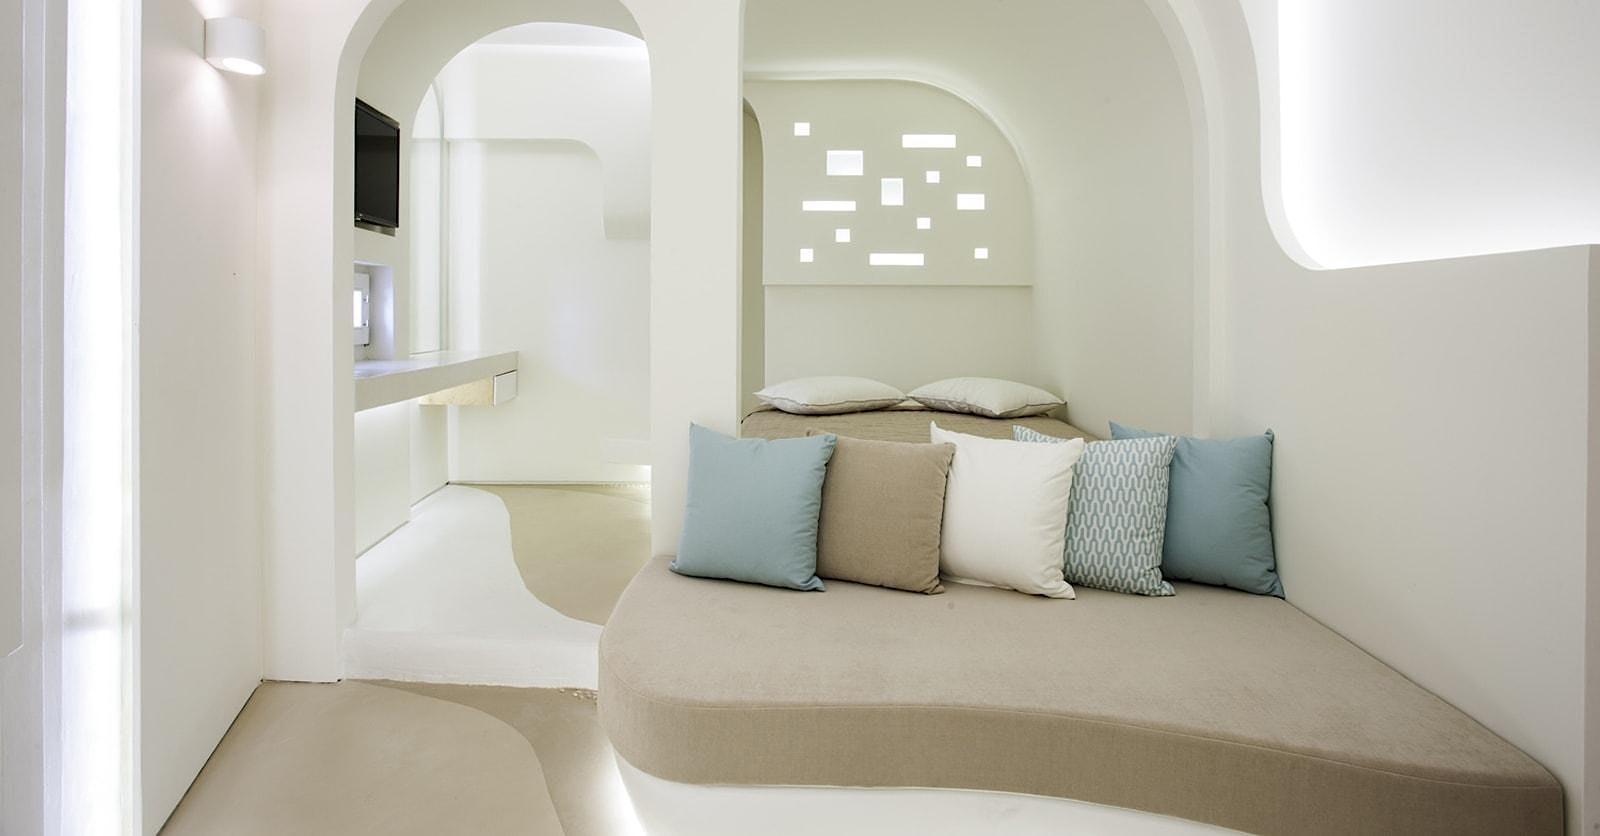 3ds Max + Corona | Corso Visualizzazione Architettonica & Design